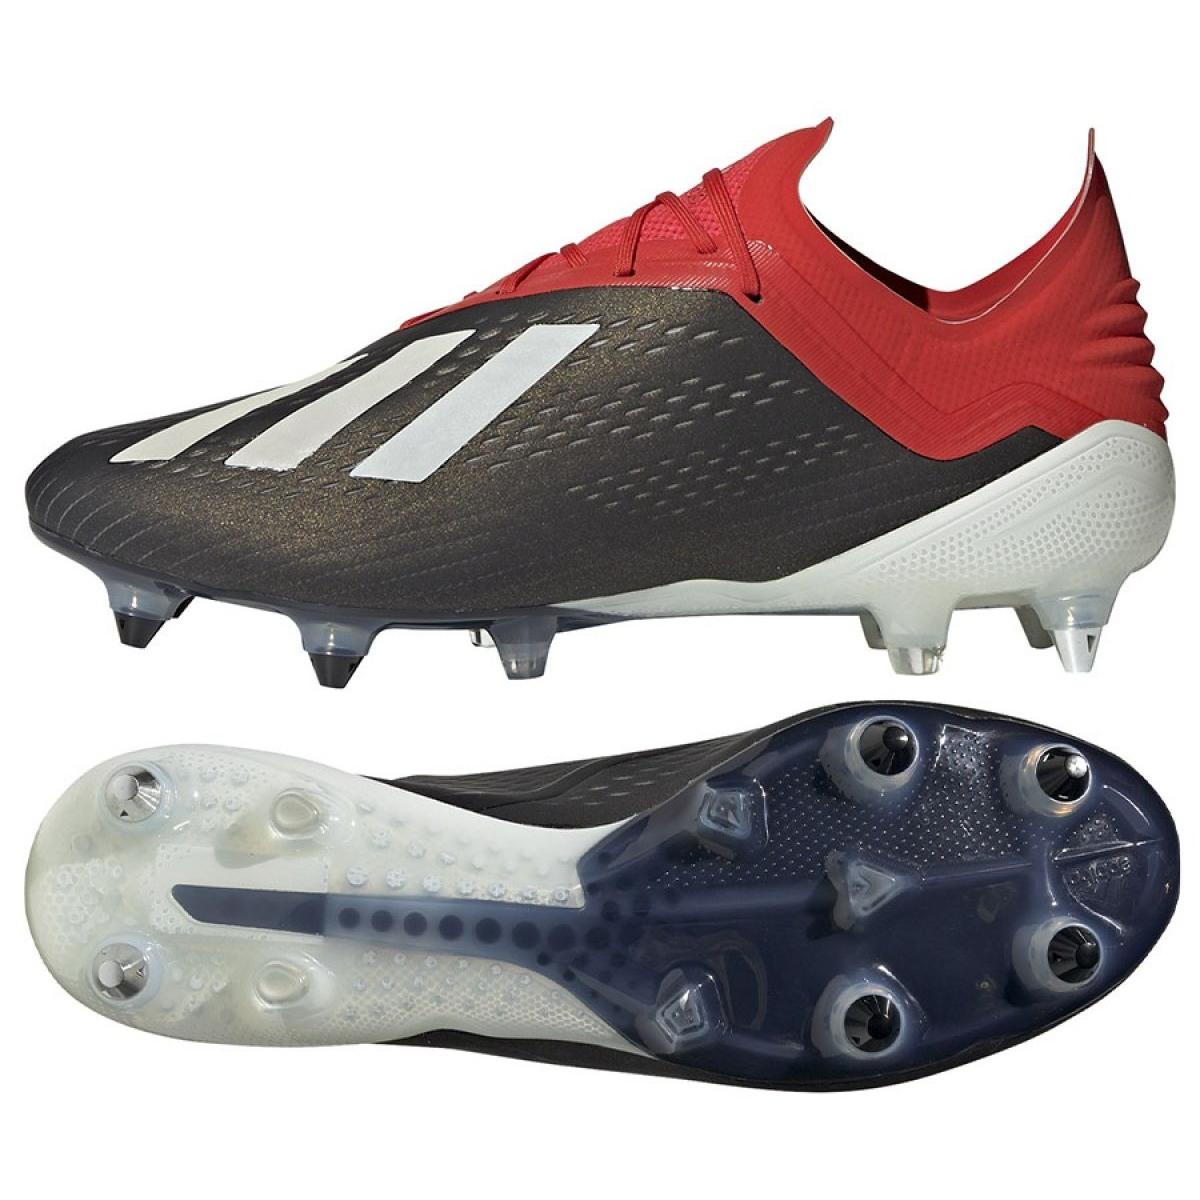 chaussures de foot adidas 18.1